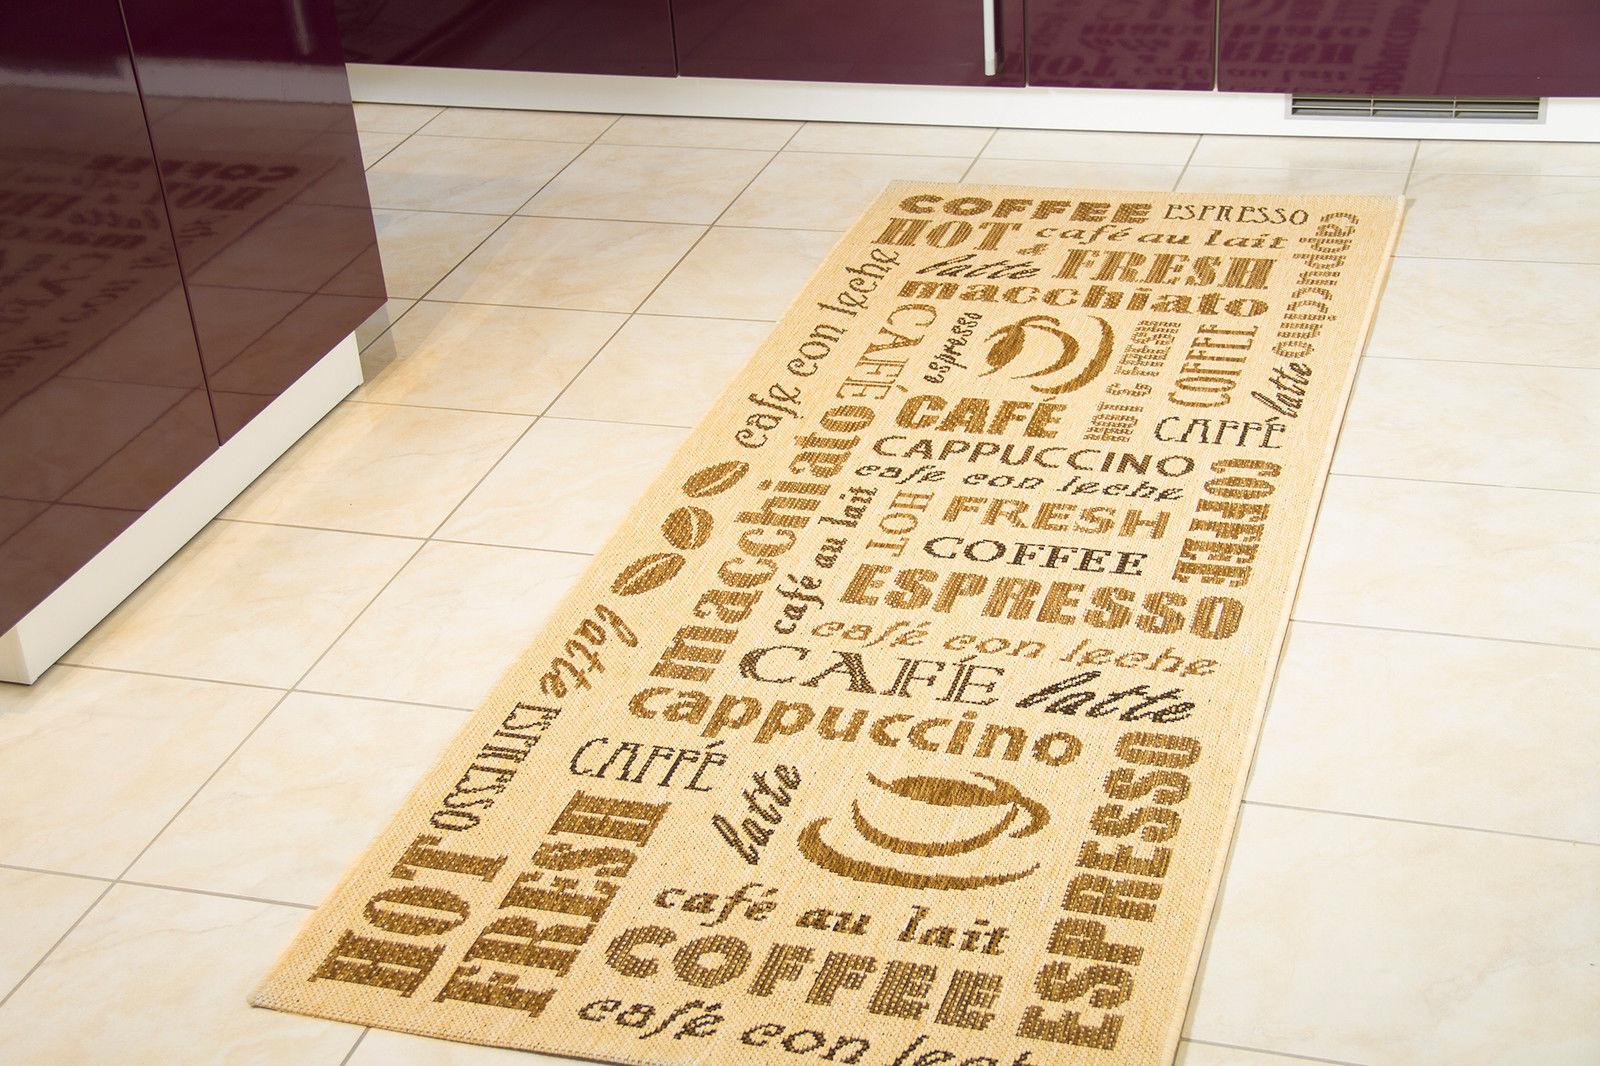 Koberec běhoun Kafe